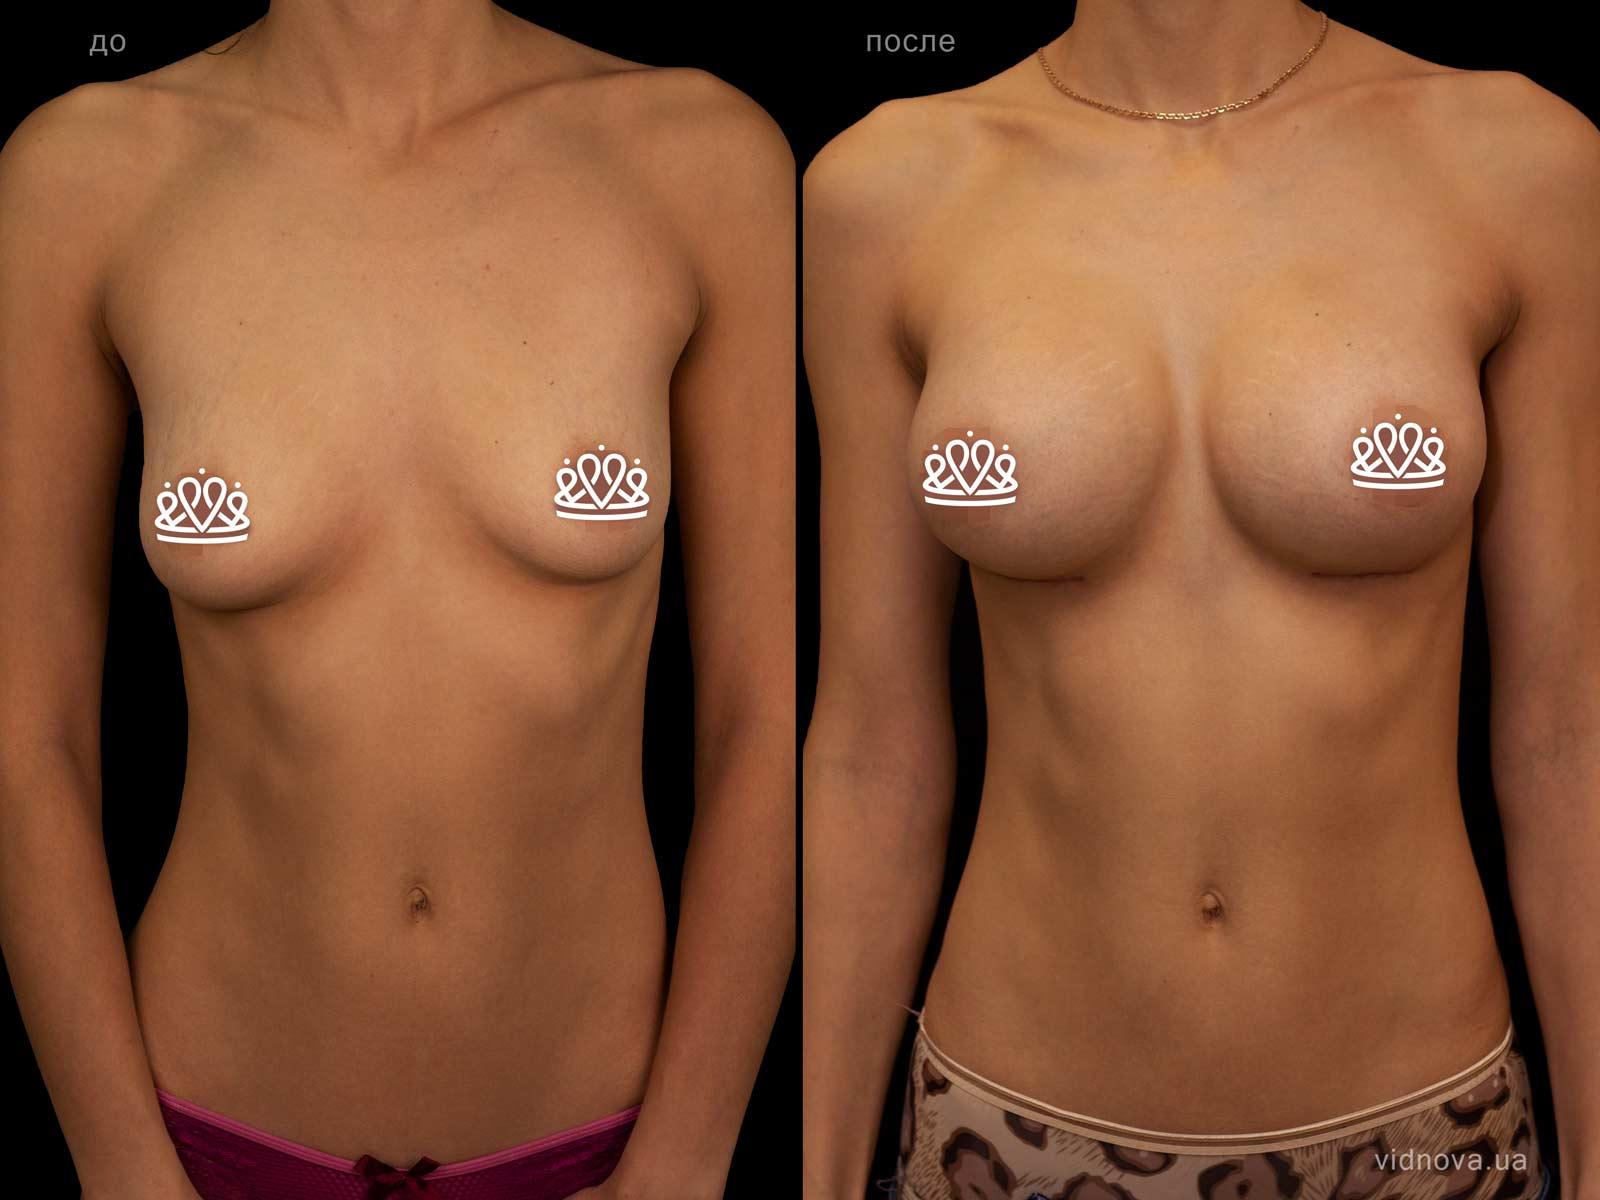 Пластика груди: результаты до и после - Пример №120-0 - Светлана Работенко